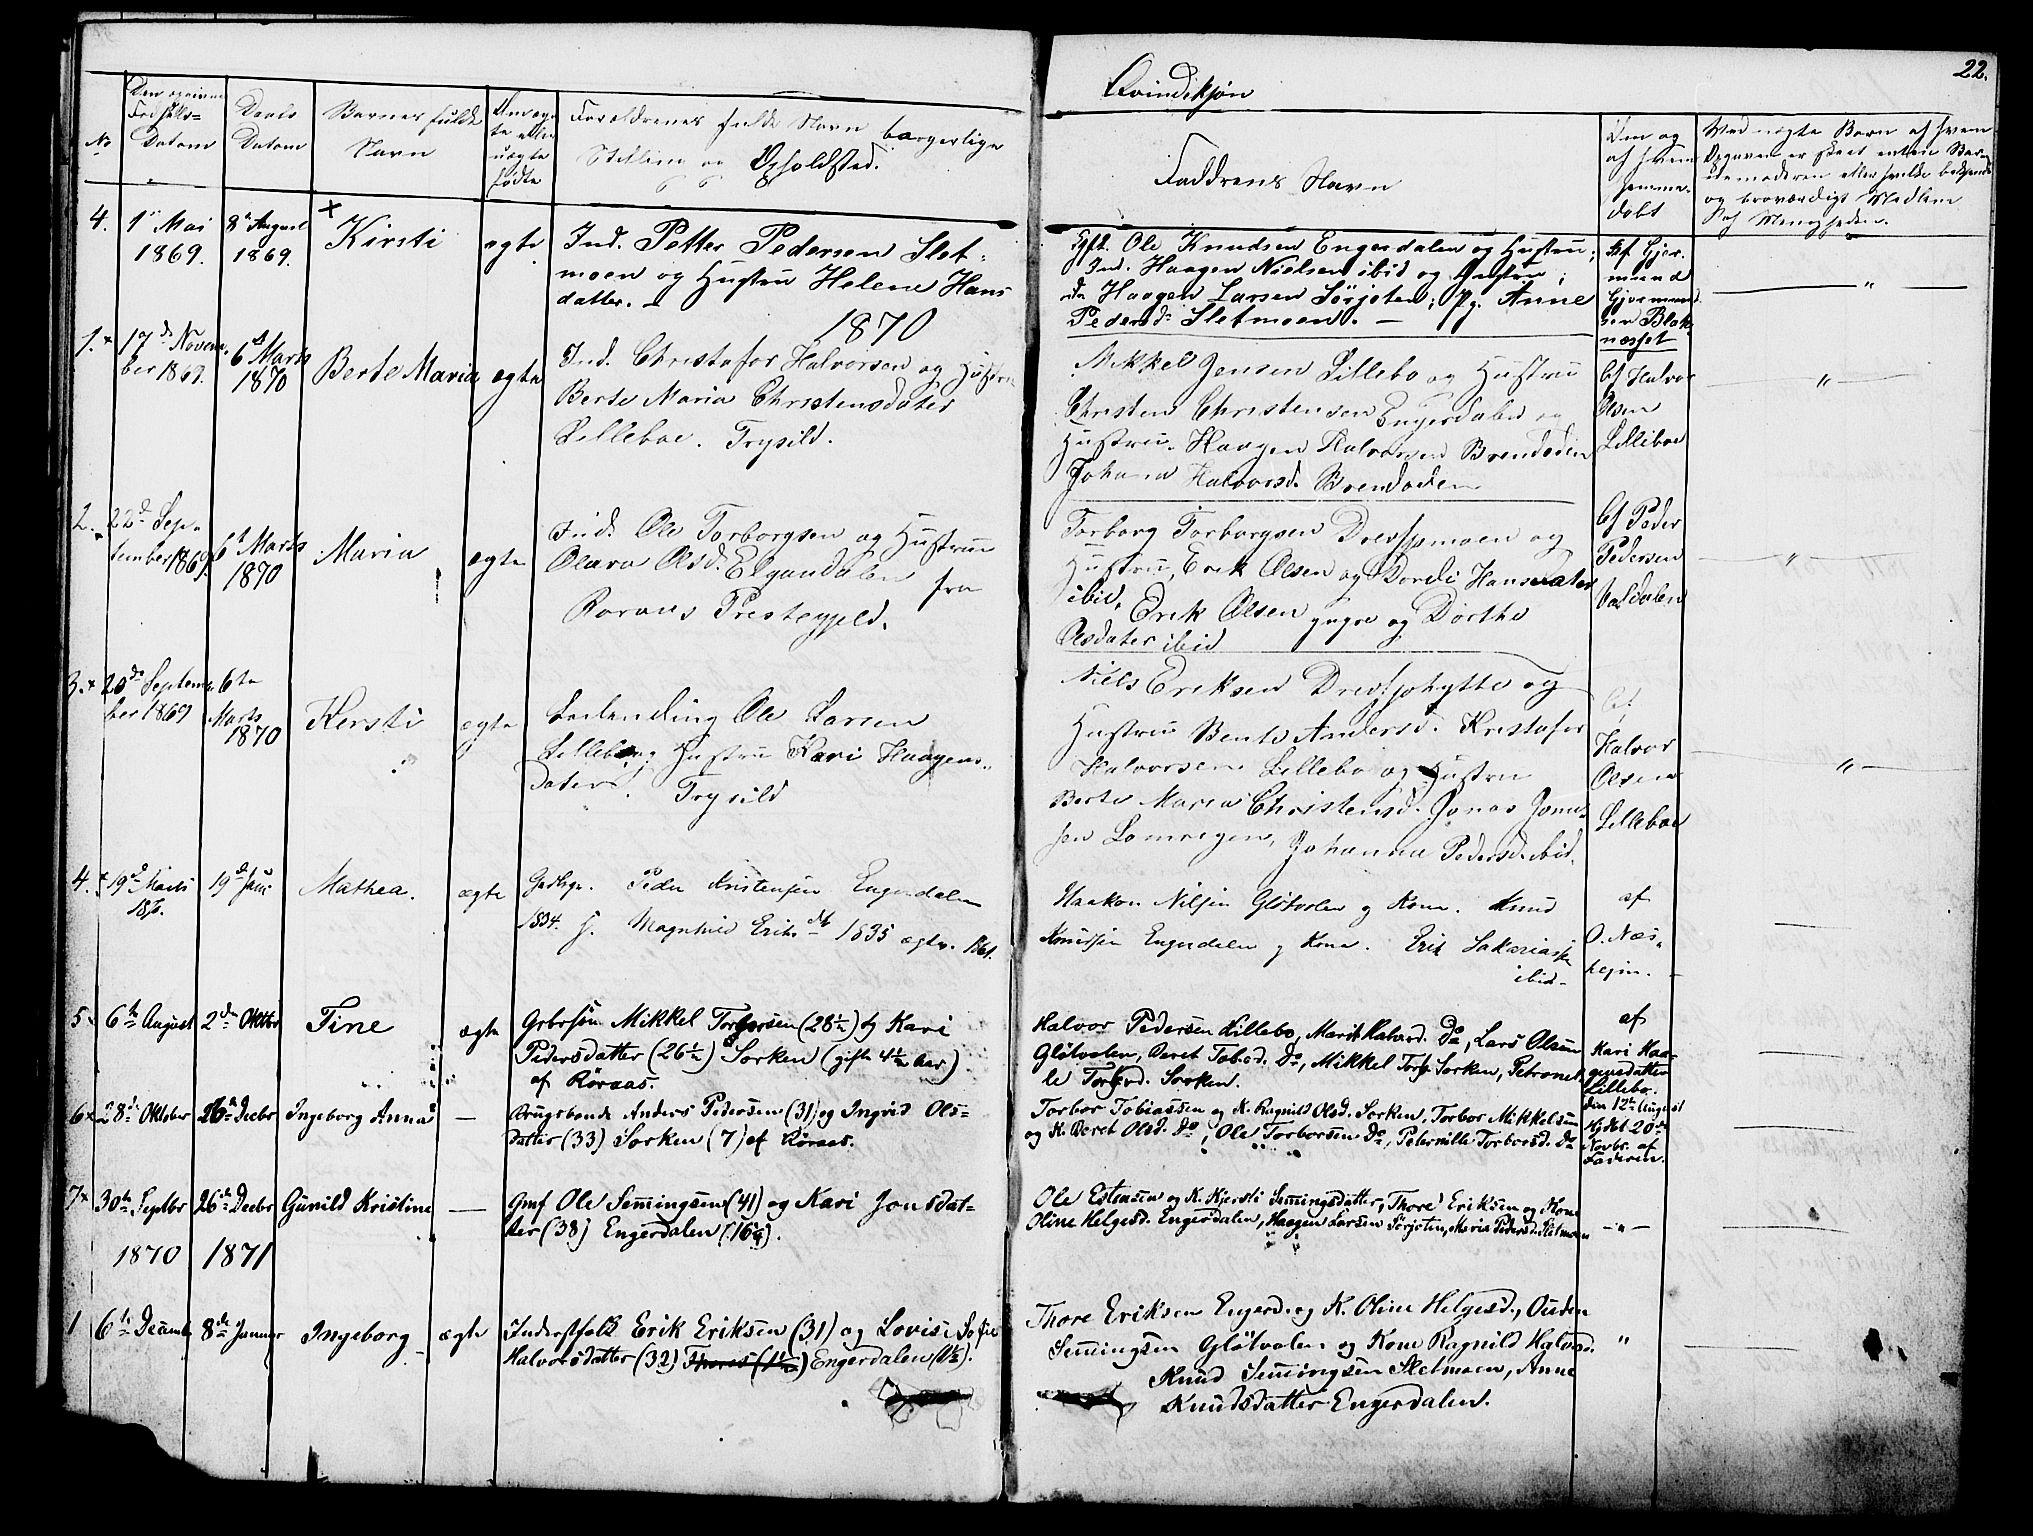 SAH, Rendalen prestekontor, H/Ha/Hab/L0002: Klokkerbok nr. 2, 1858-1880, s. 22